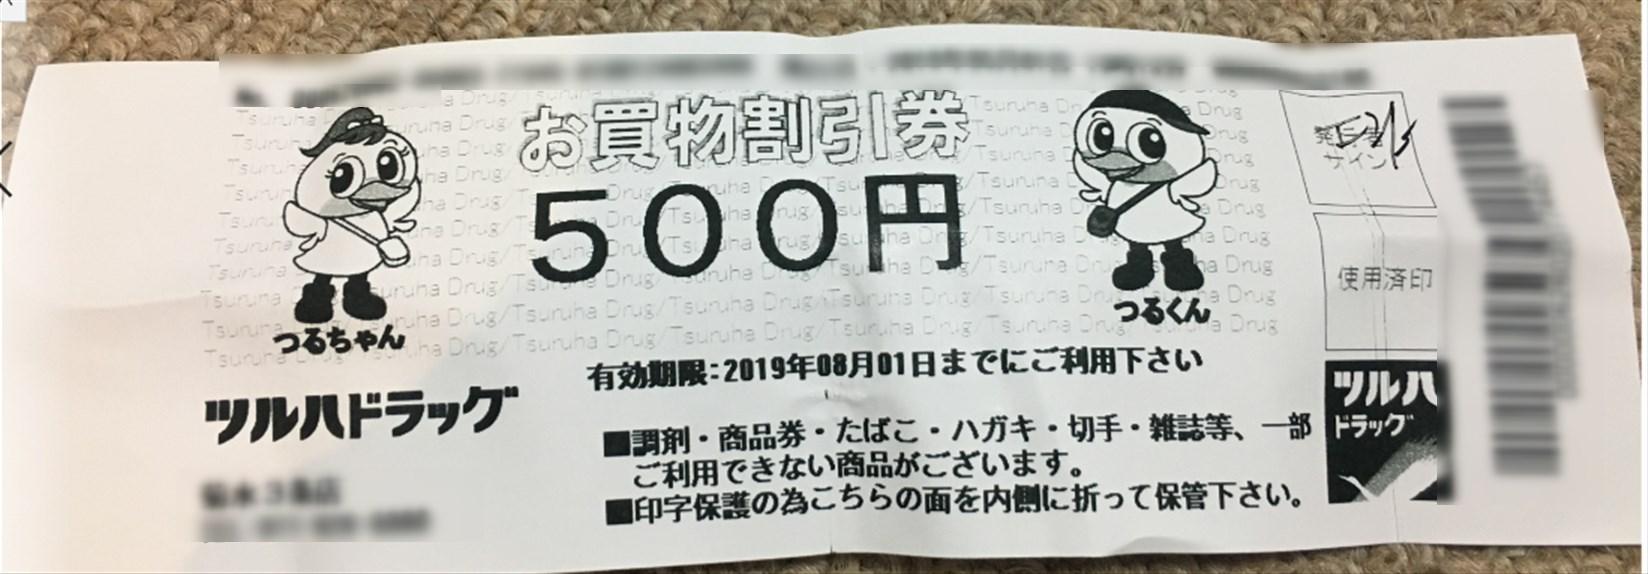 500円のお買い物券